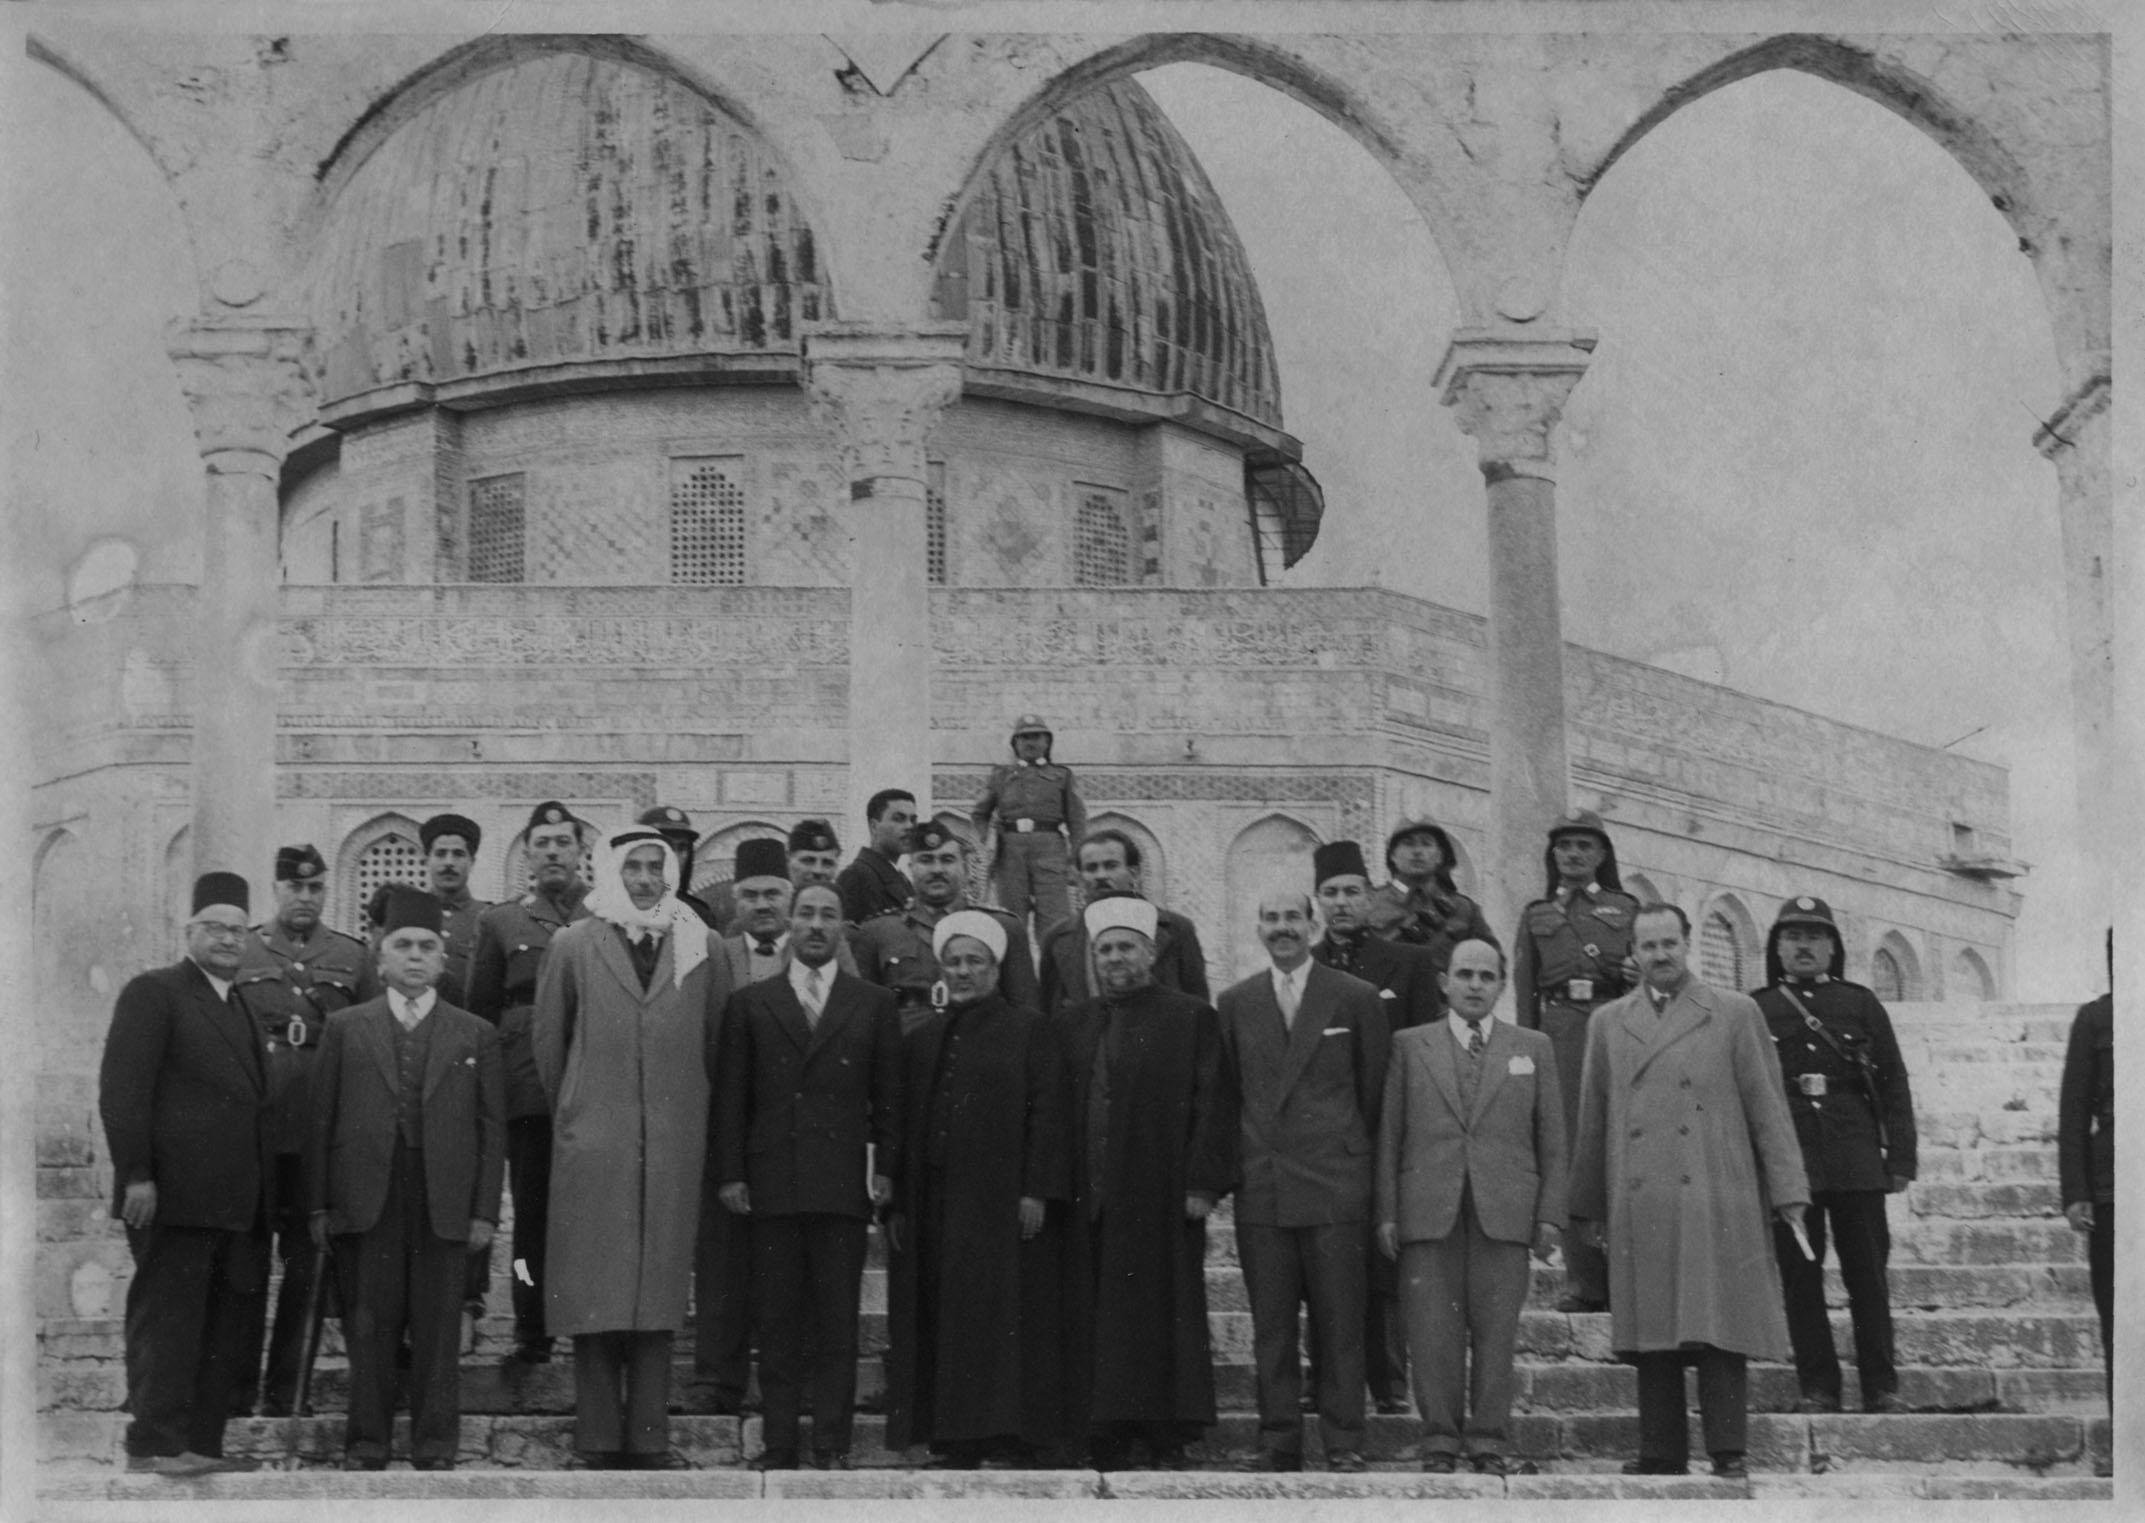 Anwar Sadat with Jordanian hosts at the Dome of the Rock, December 1955.